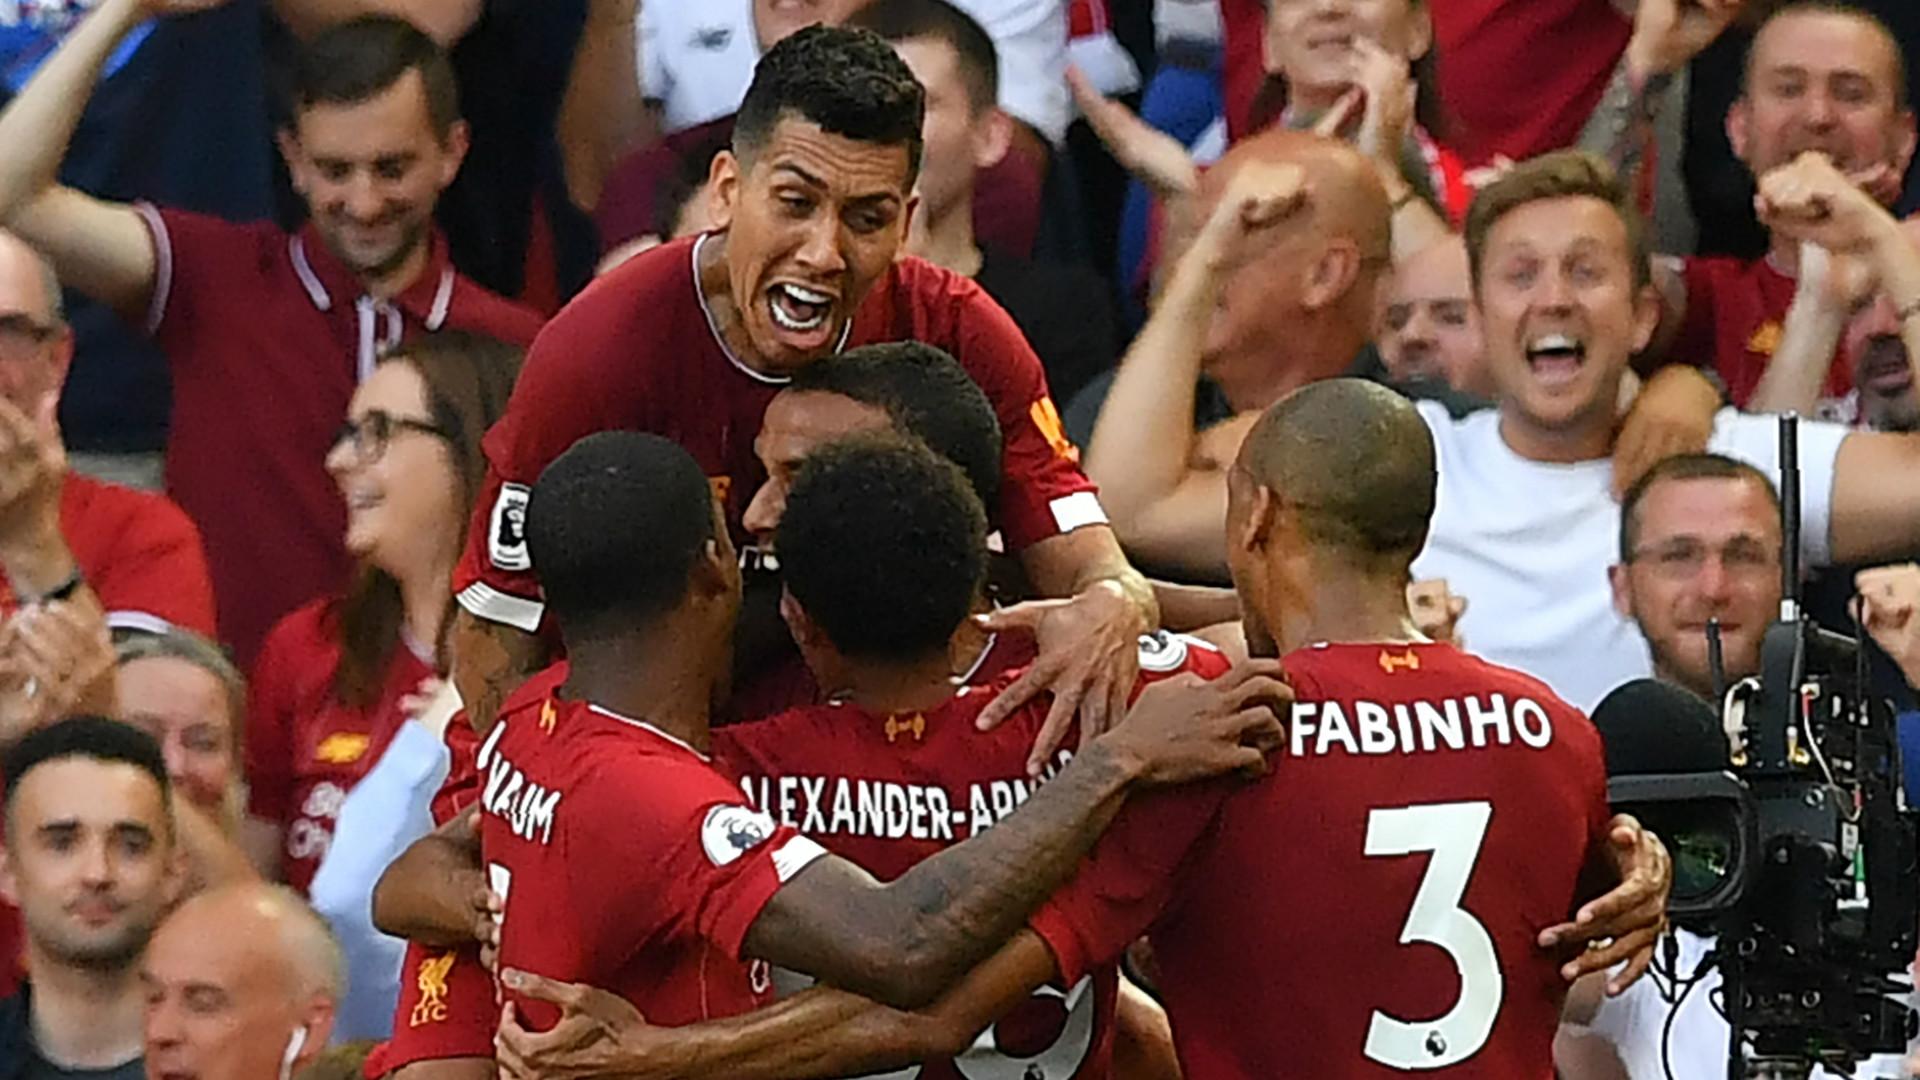 'We're Premier League champions!' - Liverpool celebrate ...